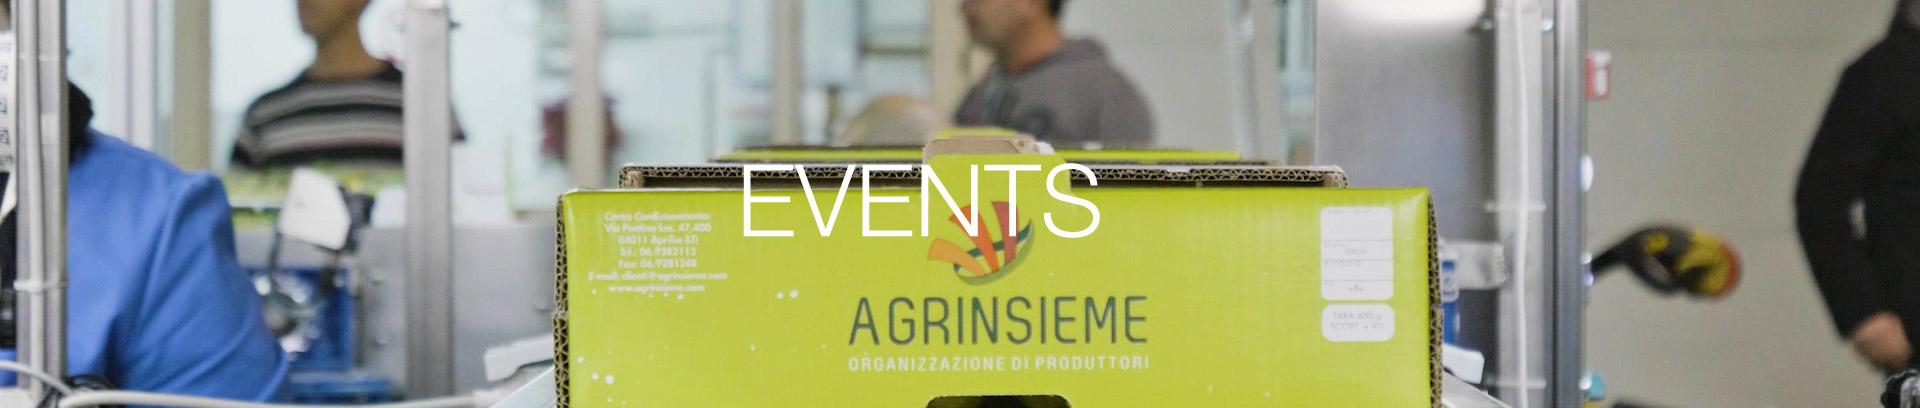 intestazione-eventi-agrinsieme-organizzazione-di-produttori-sezze-en